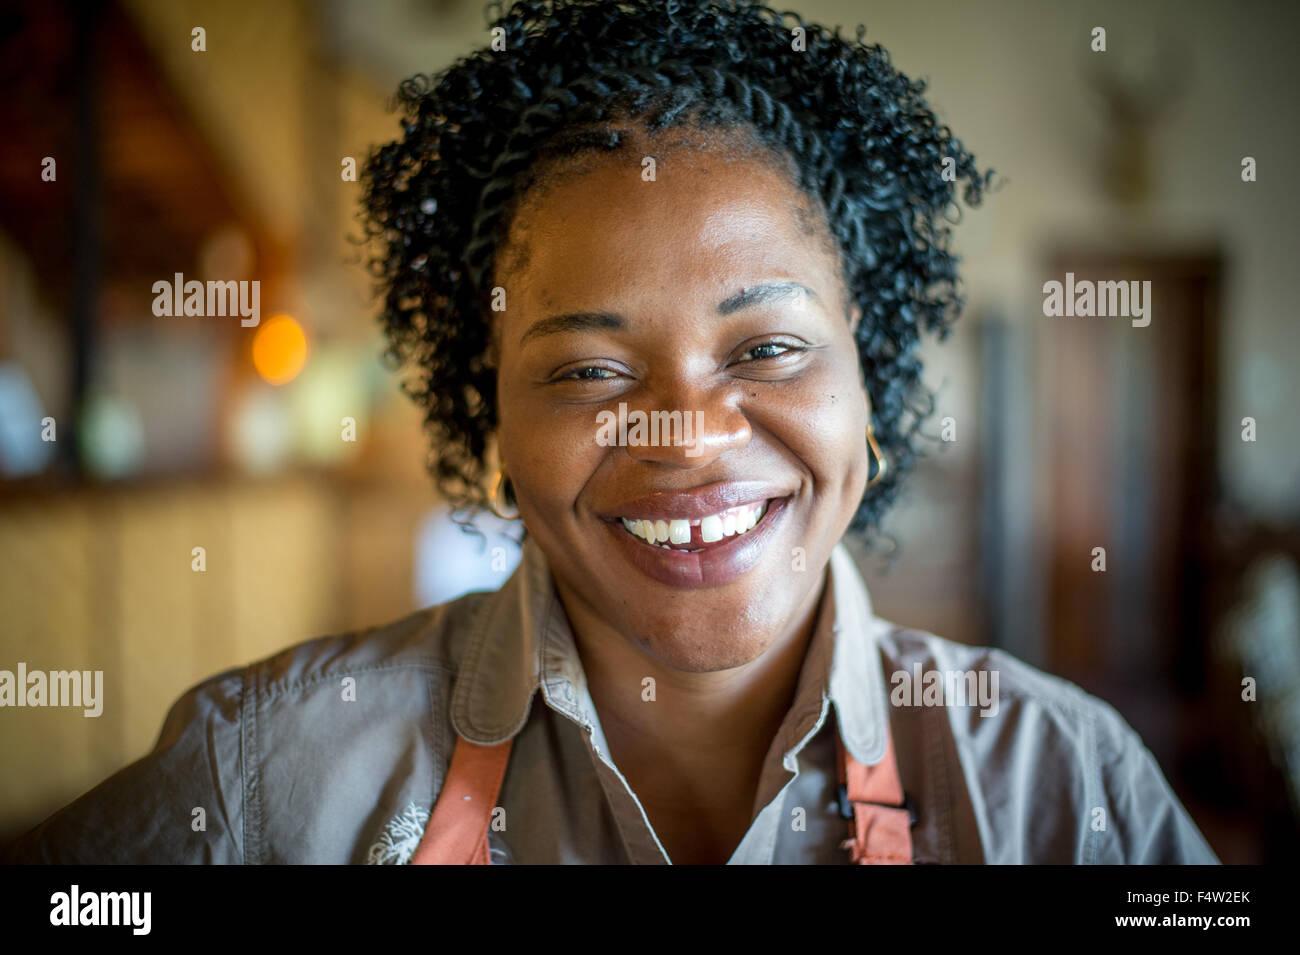 Kasane, Botswana - Smiling African woman. - Stock Image